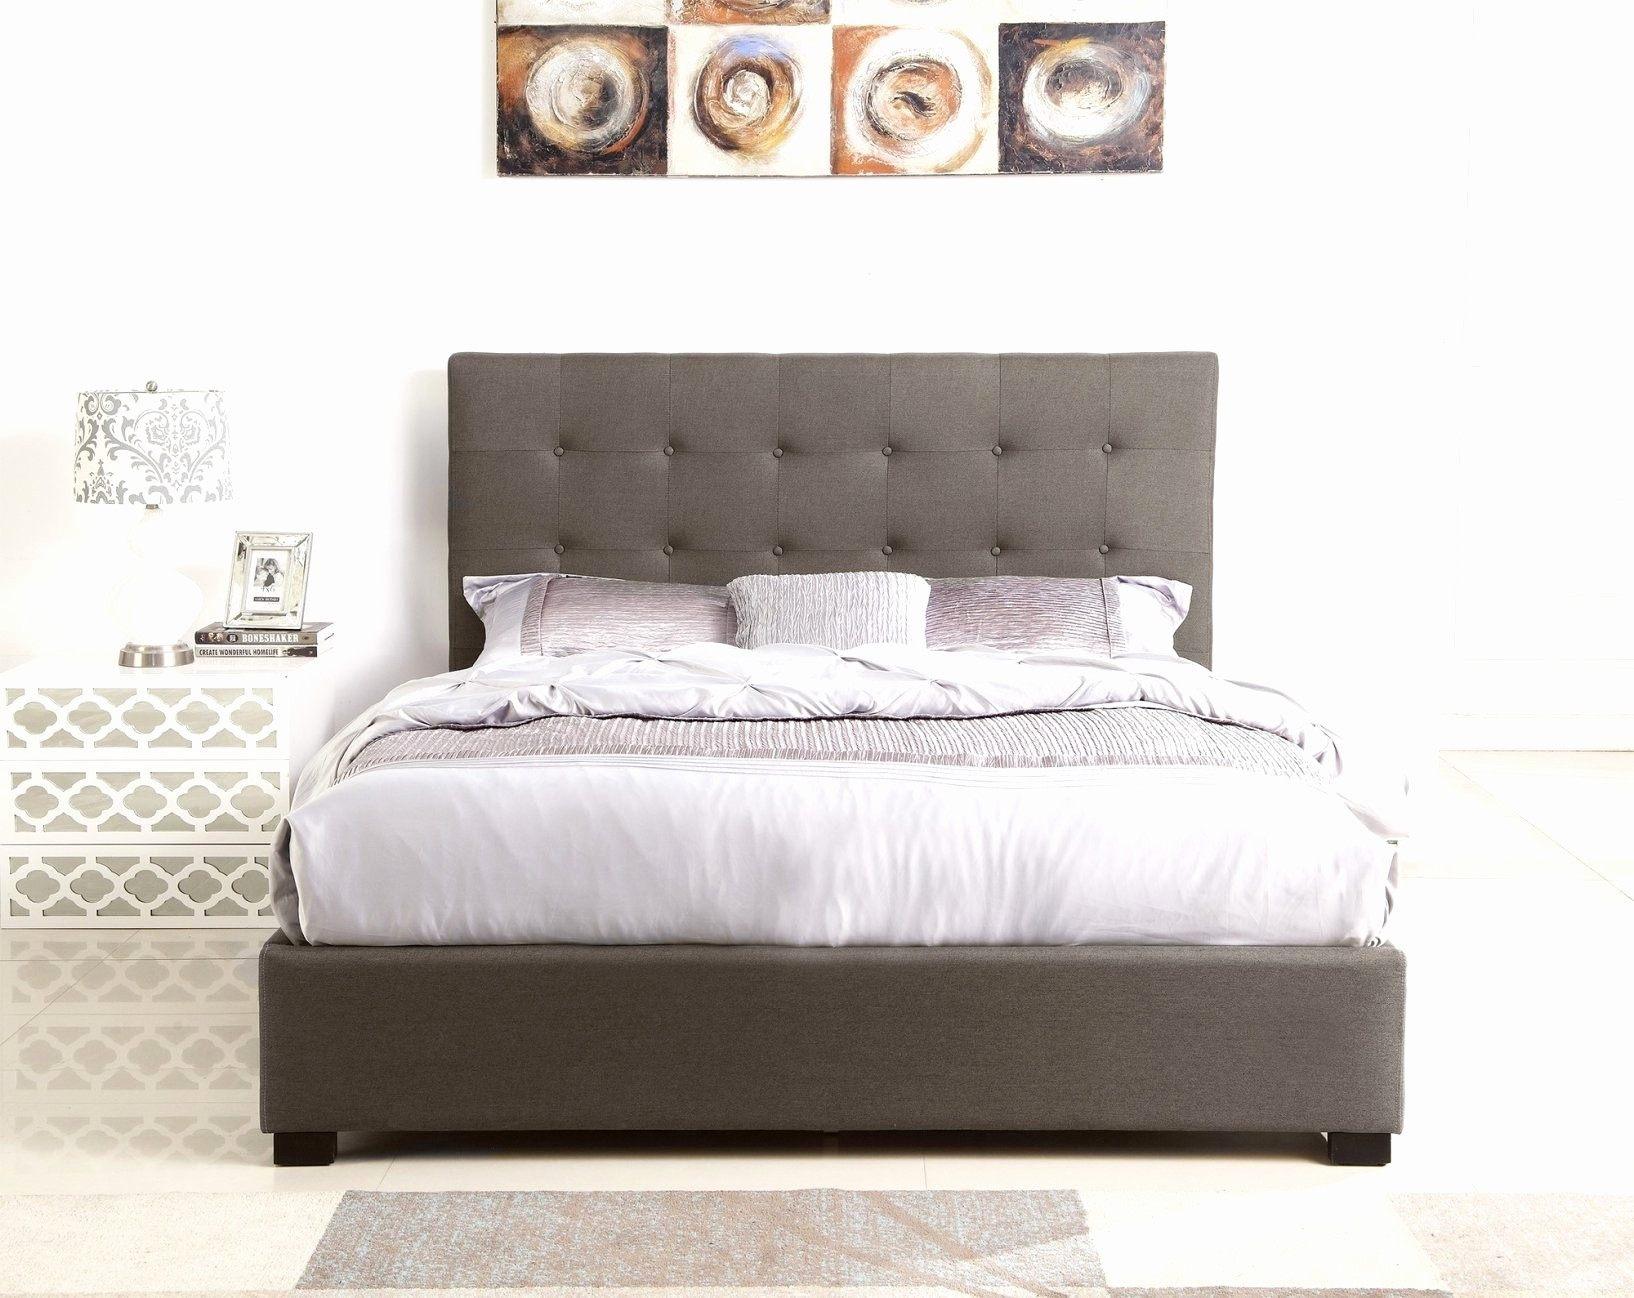 Lit 2 Places Avec Rangement Beau sommier 2 Places Lit Avec Rangement Meilleur De sommier Ikea 140—190